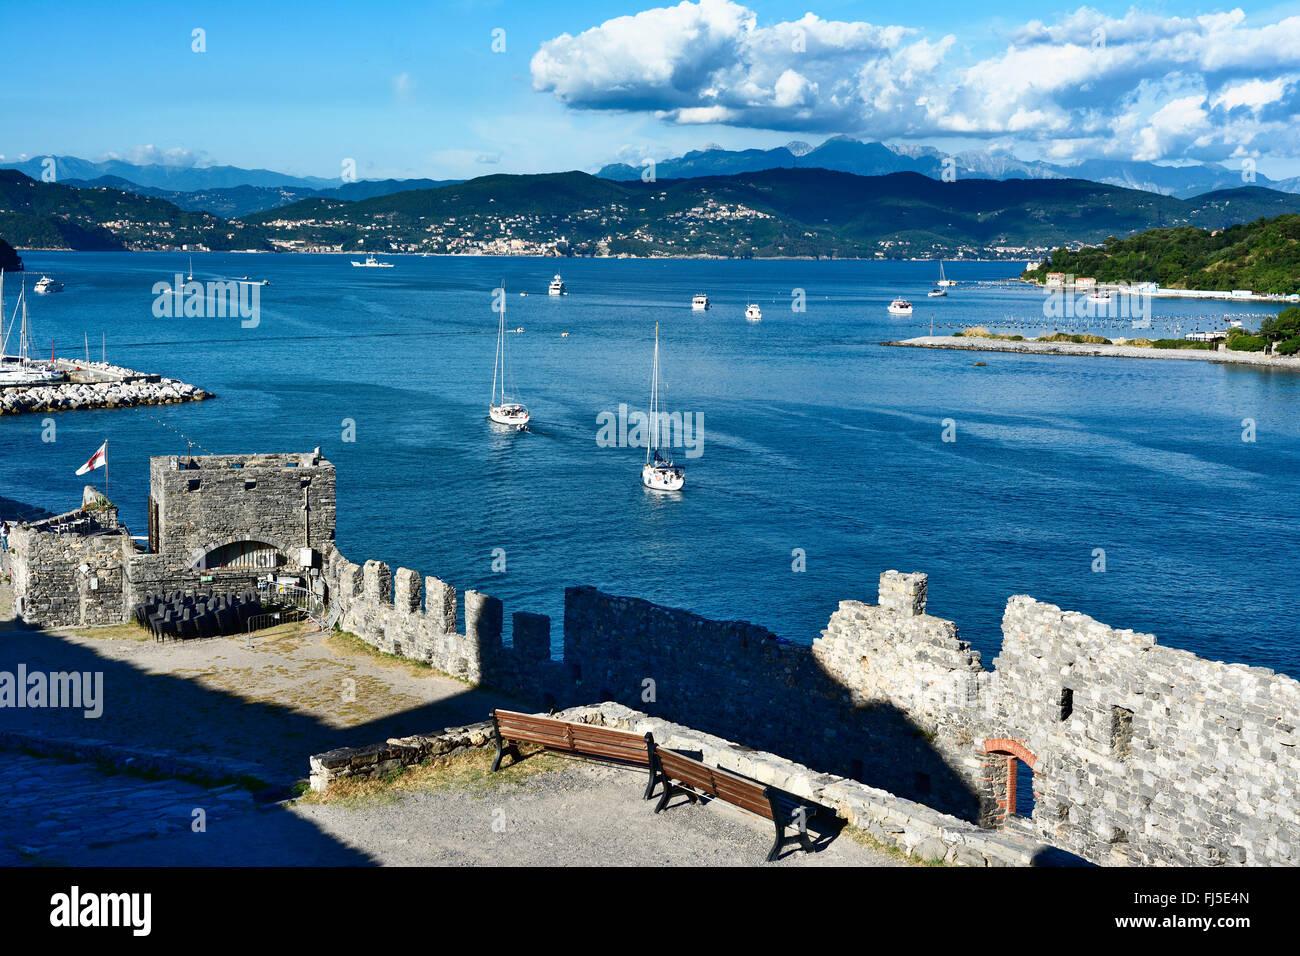 View of the Gulf of Poets and Portovenere town, La Spezia, near Cinque Terre, Liguria, Italy - Stock Image